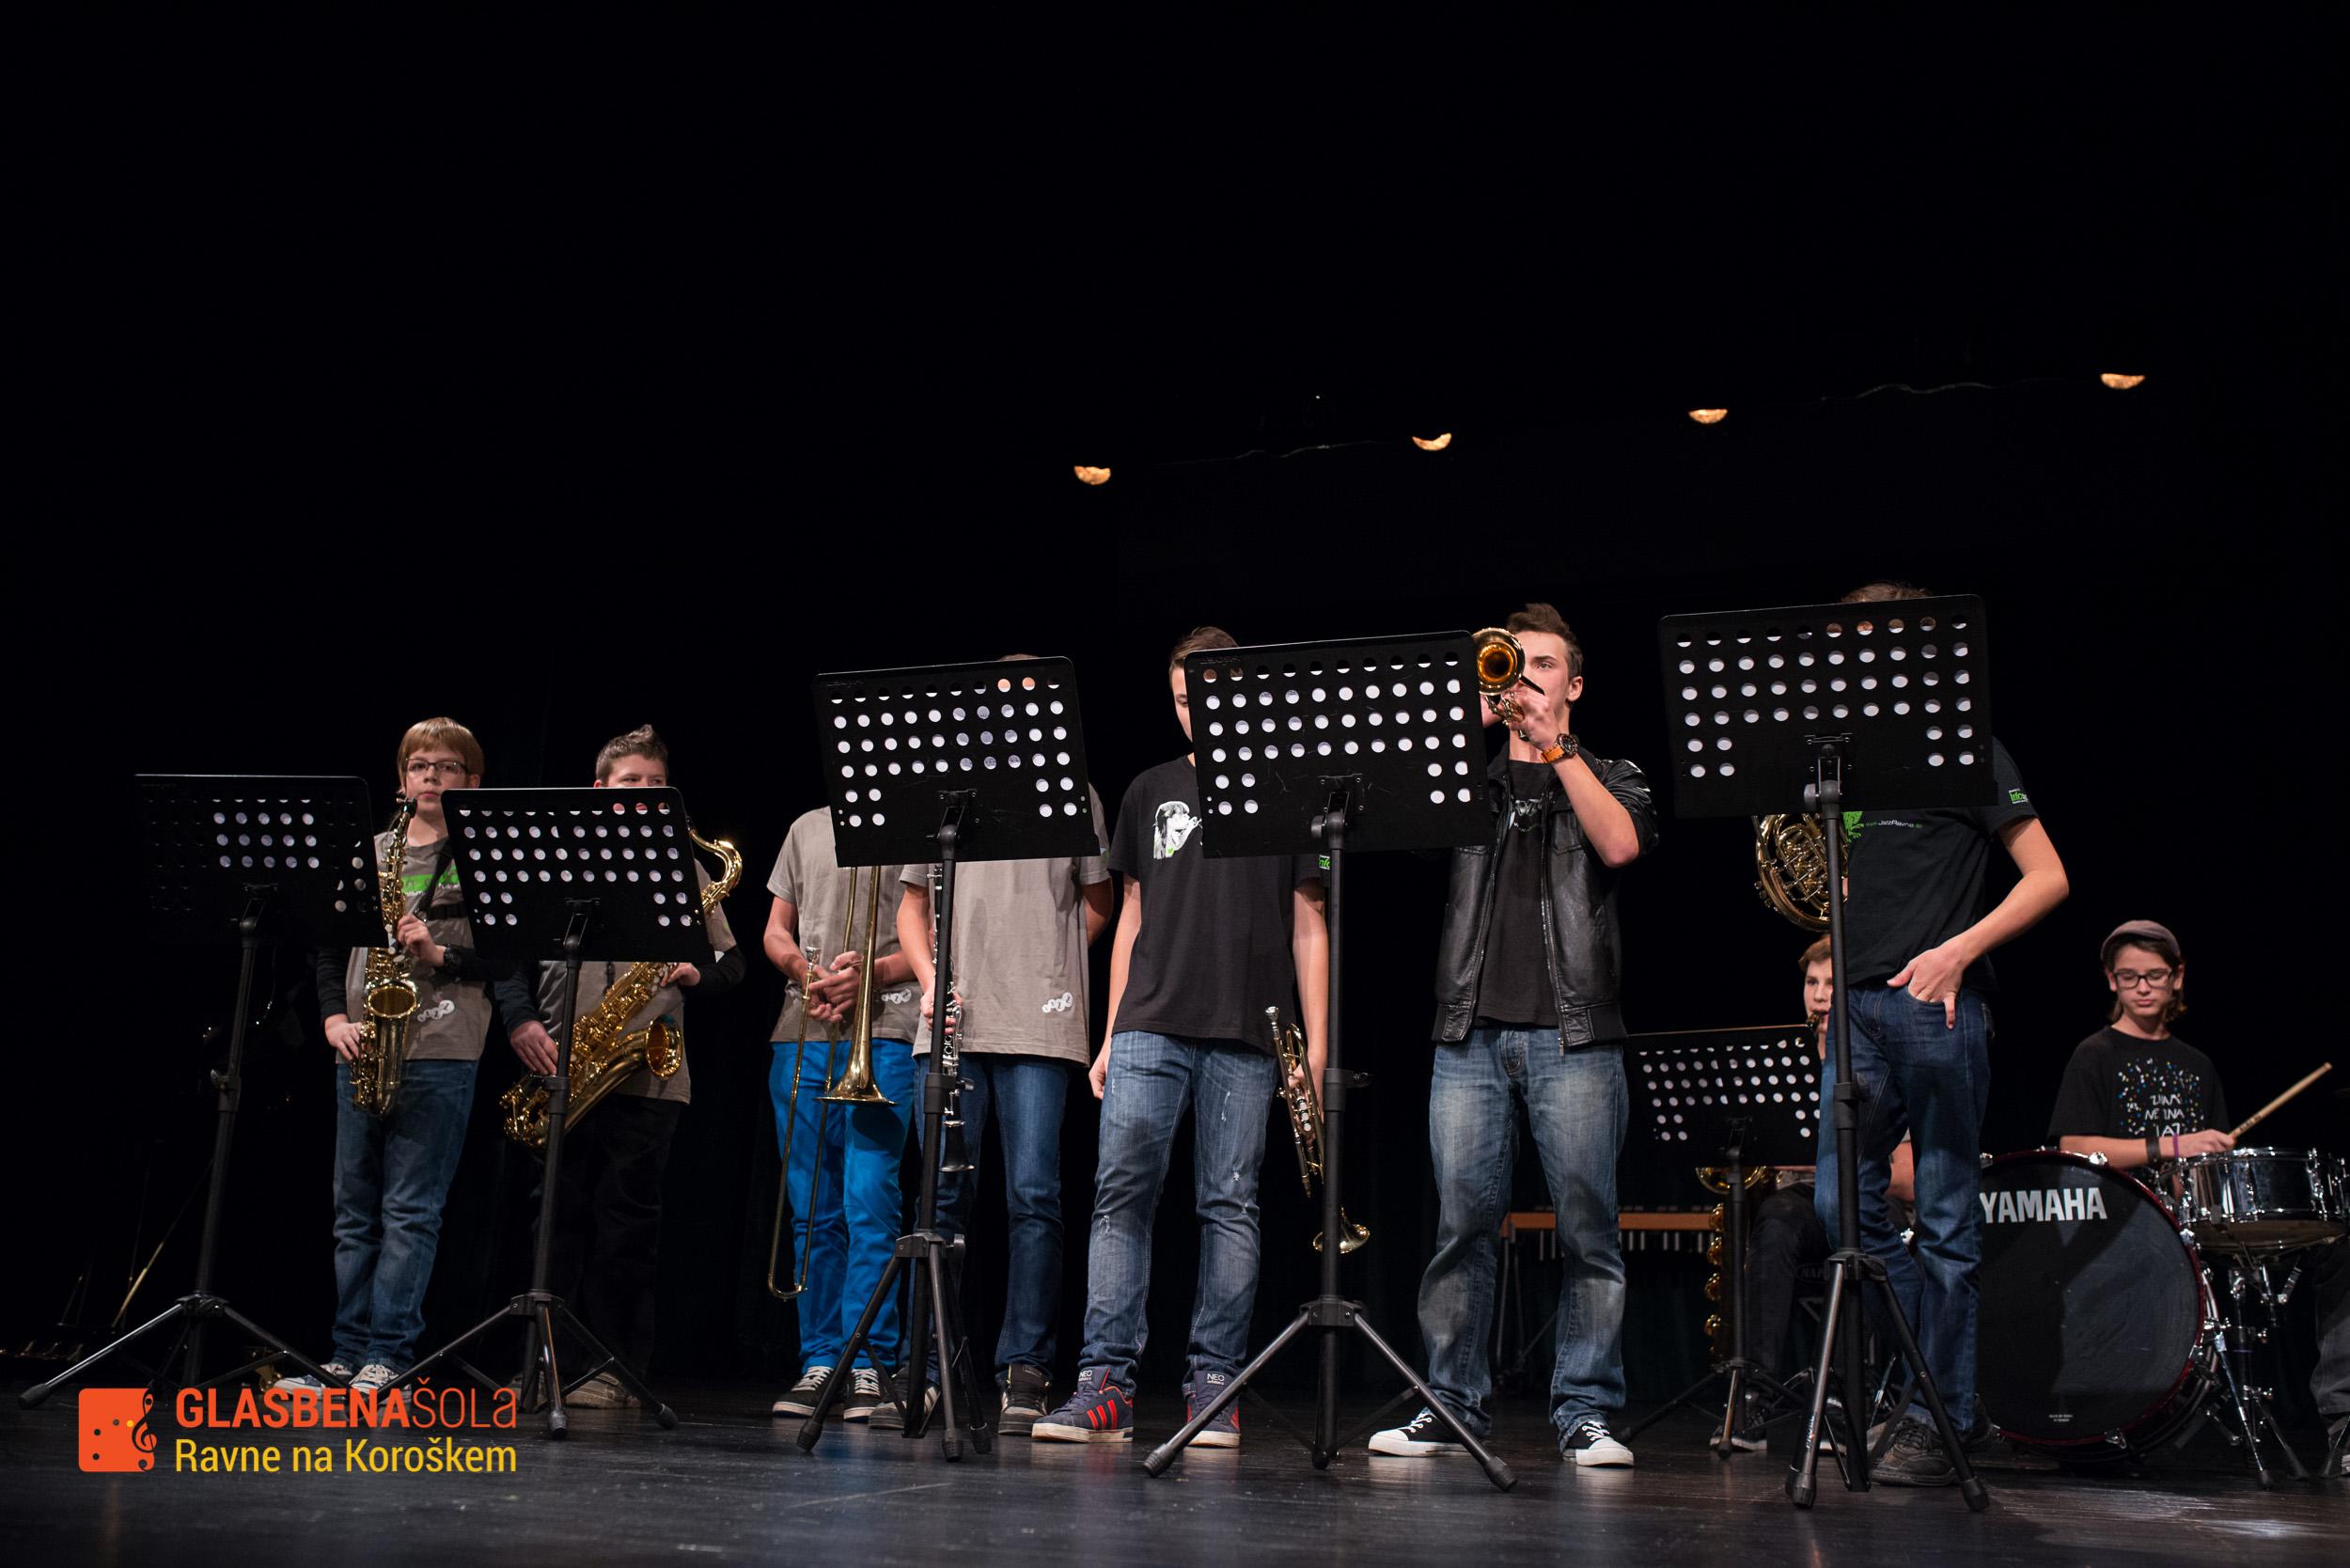 koncert-08-11-2014-39